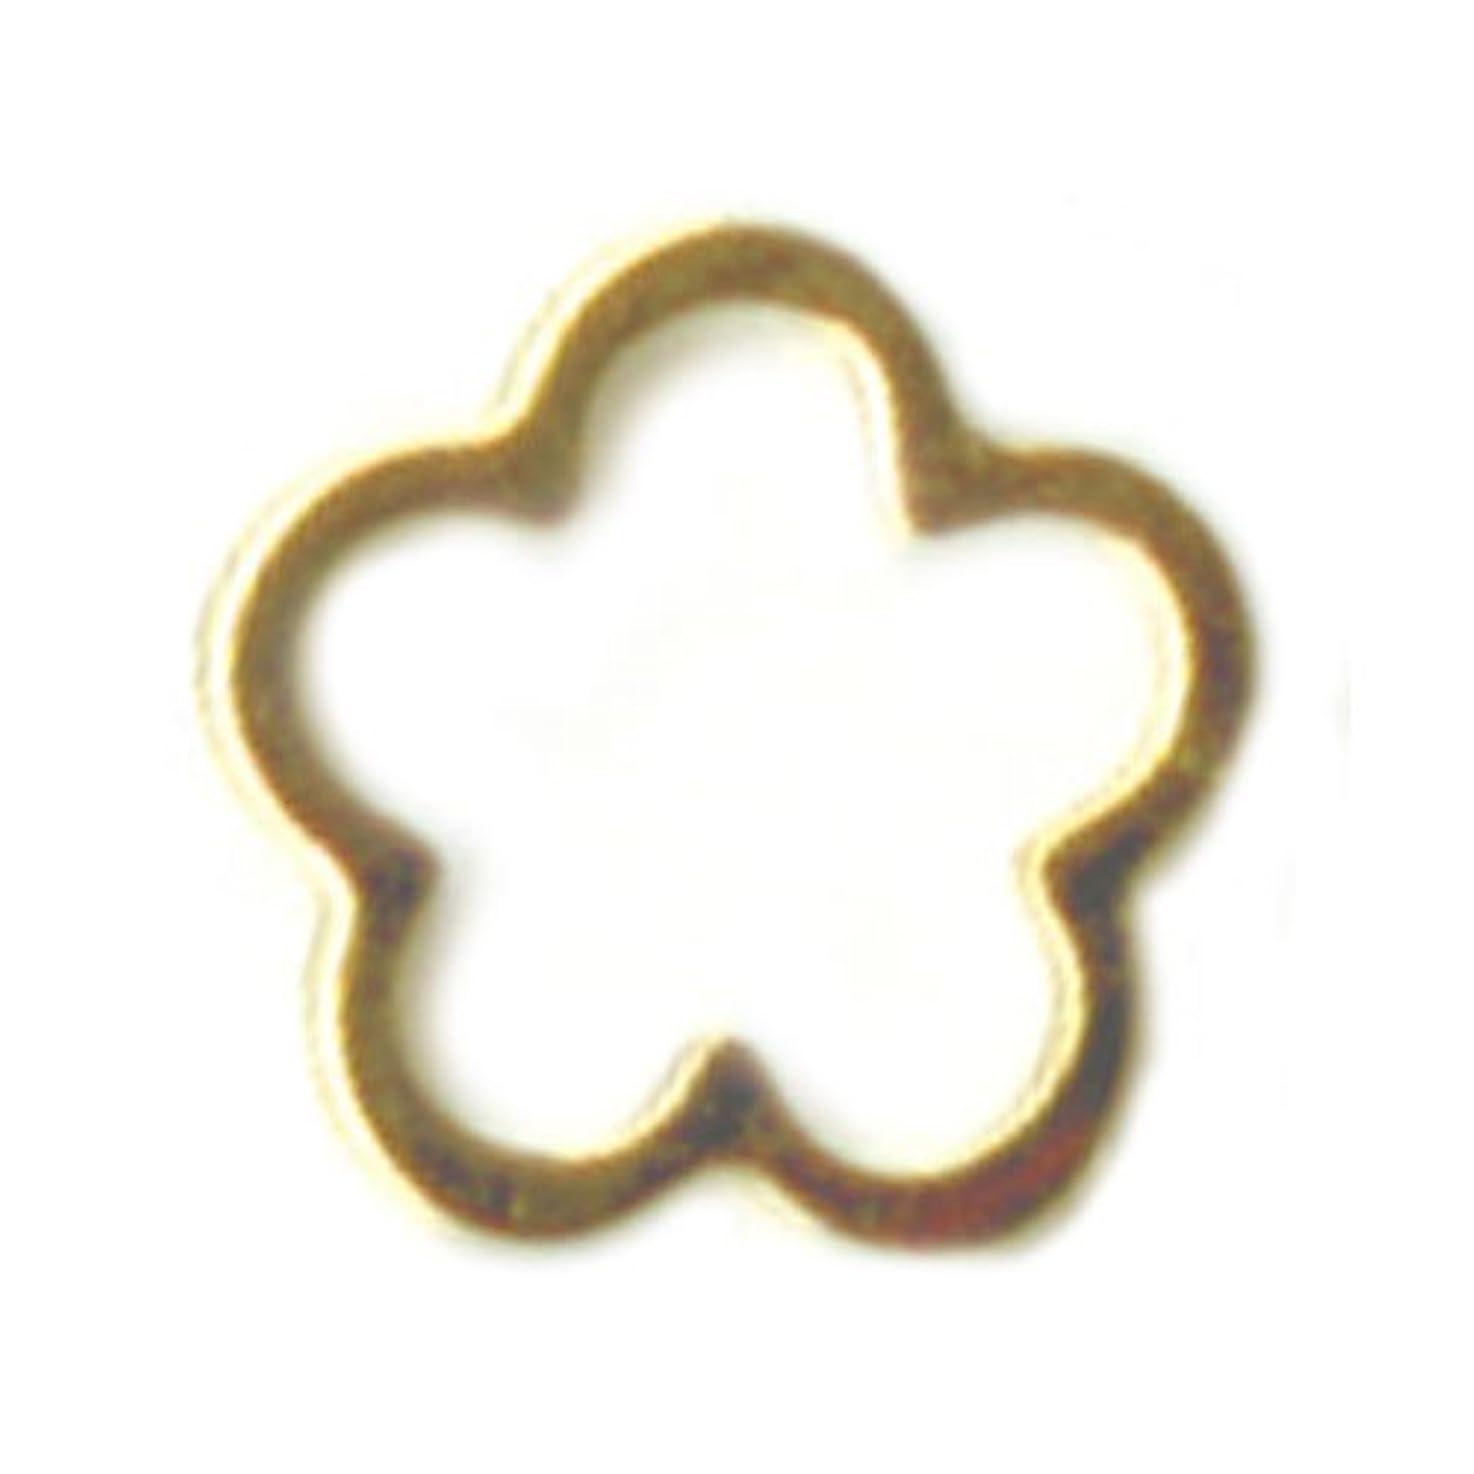 縁石思いやり凝視リトルプリティー ネイルアートパーツ サクラ SS ゴールド 10個